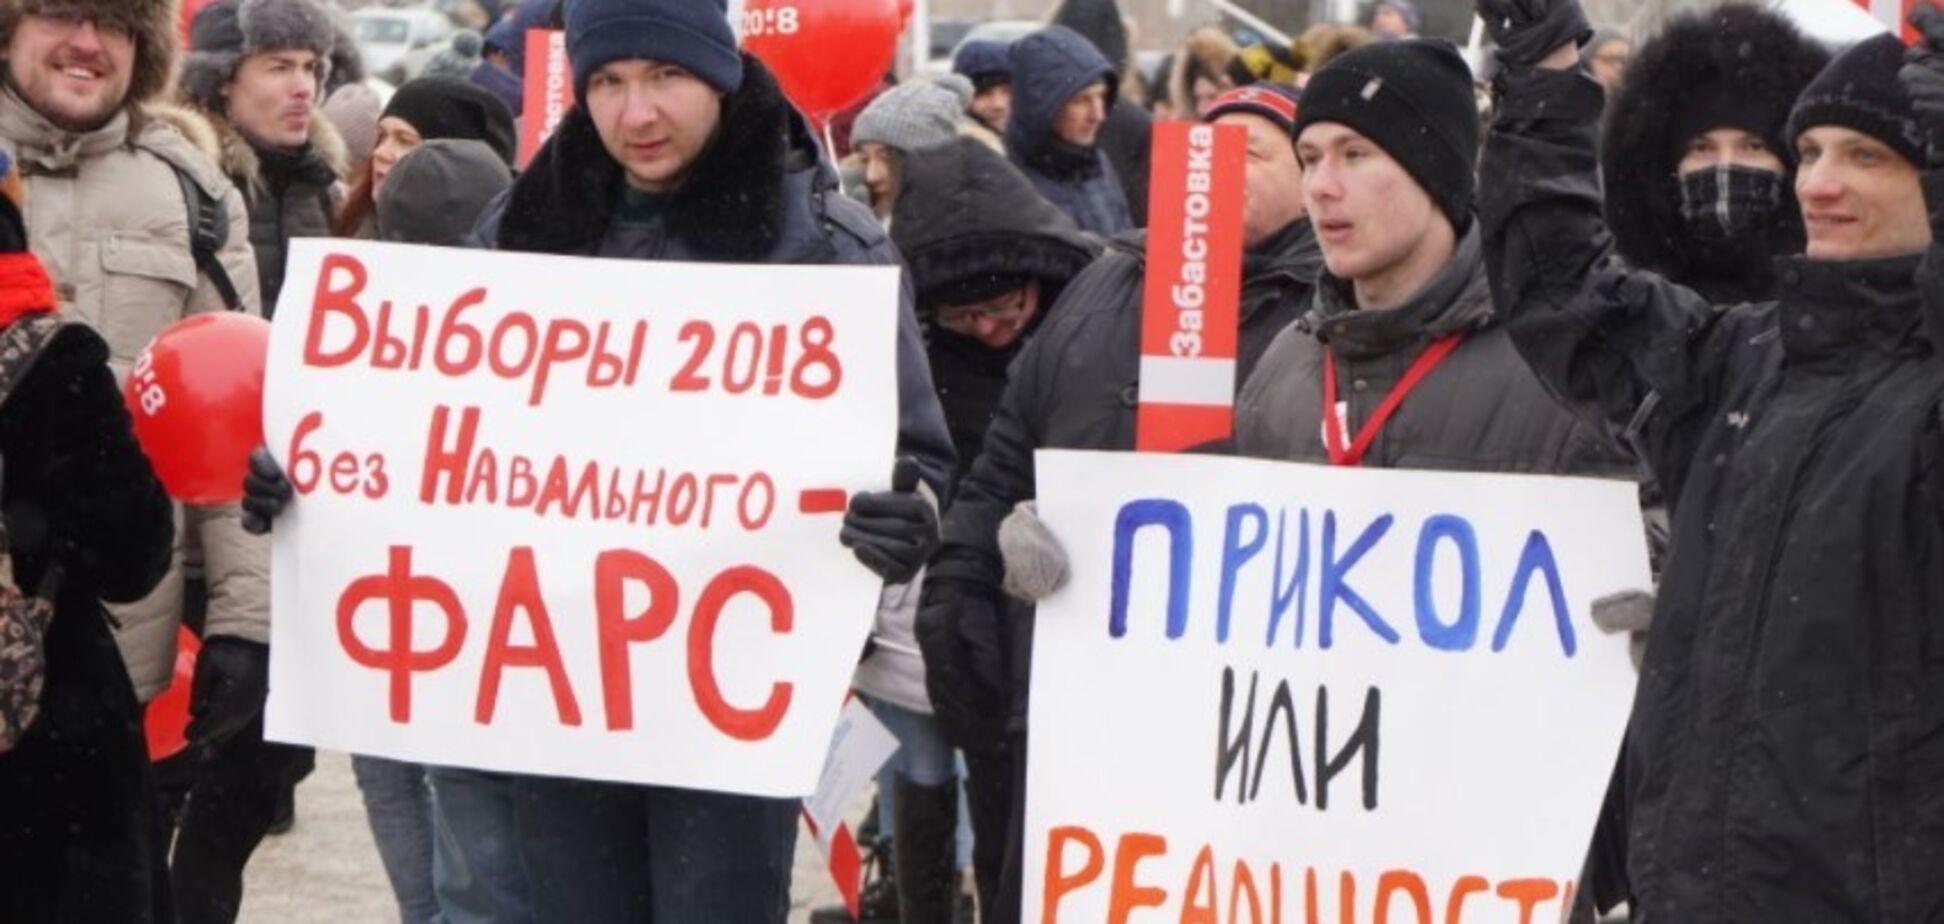 'Почему все в таком восторге?' Журналист пояснил обреченность протестов в России